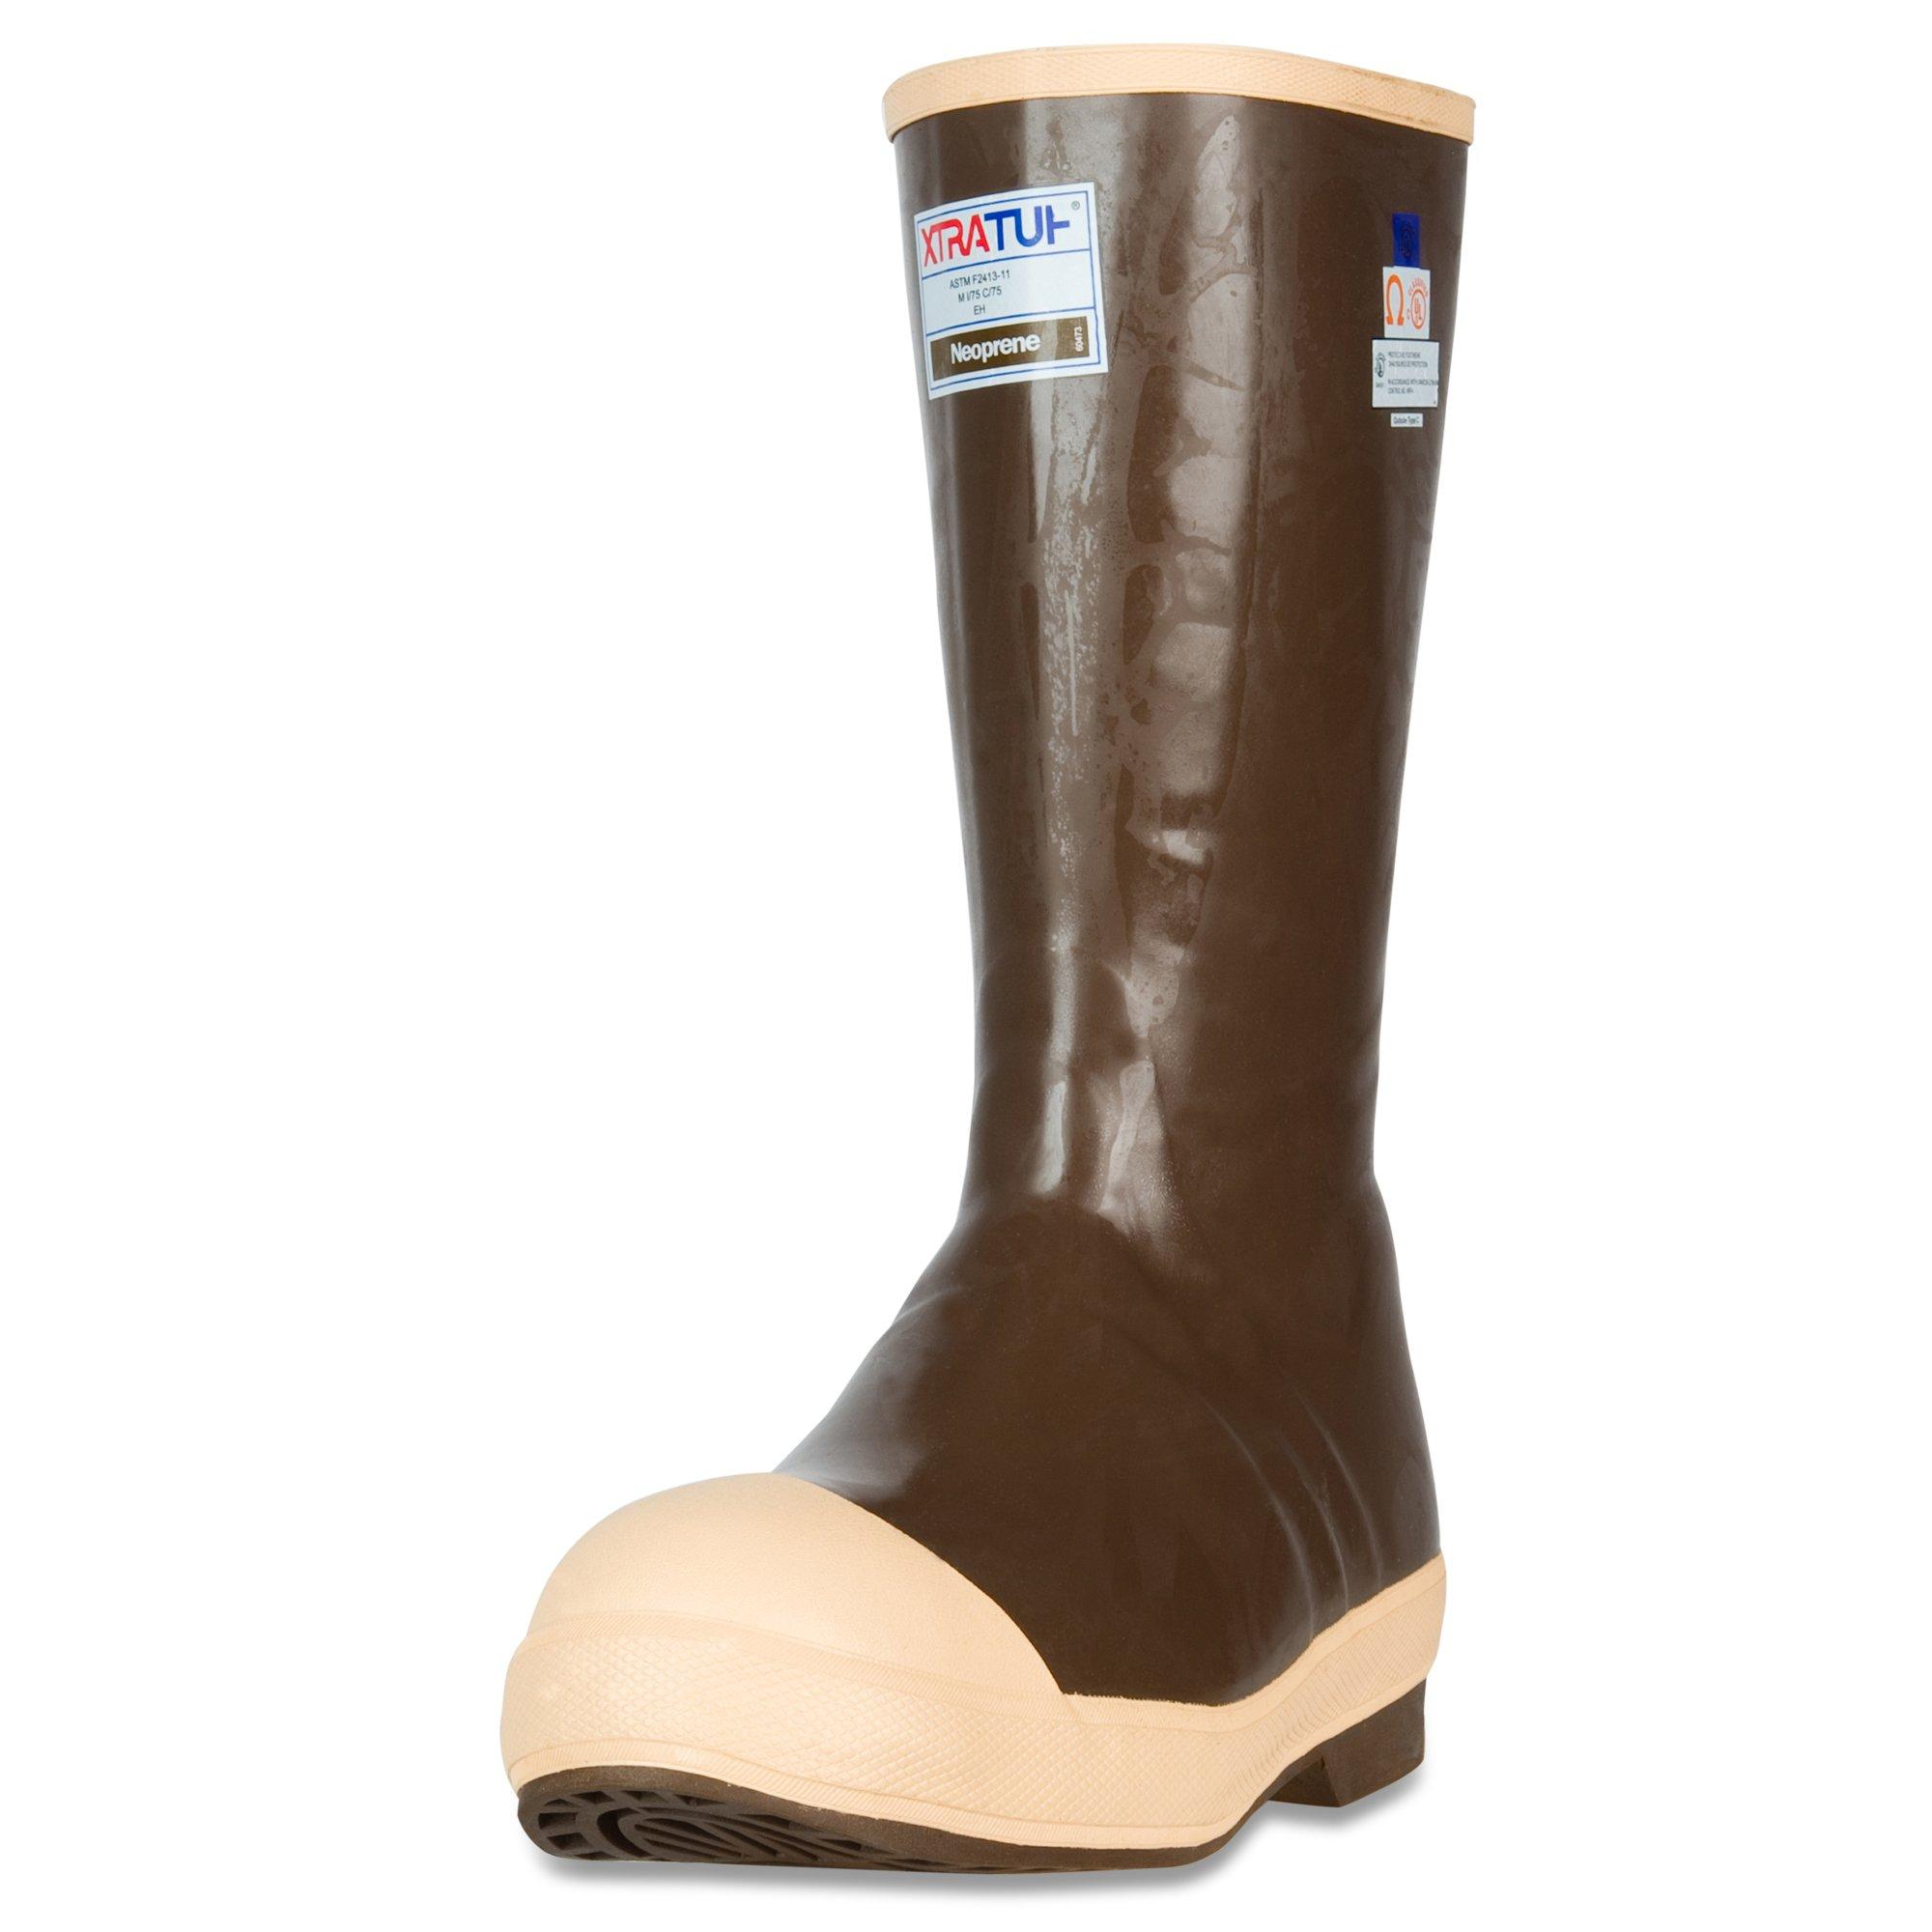 XTRATUF Legacy Series 15'' Neoprene Steel Toe Insulated Men's Fishing Boots, Copper & Tan (22273G) by Xtratuf